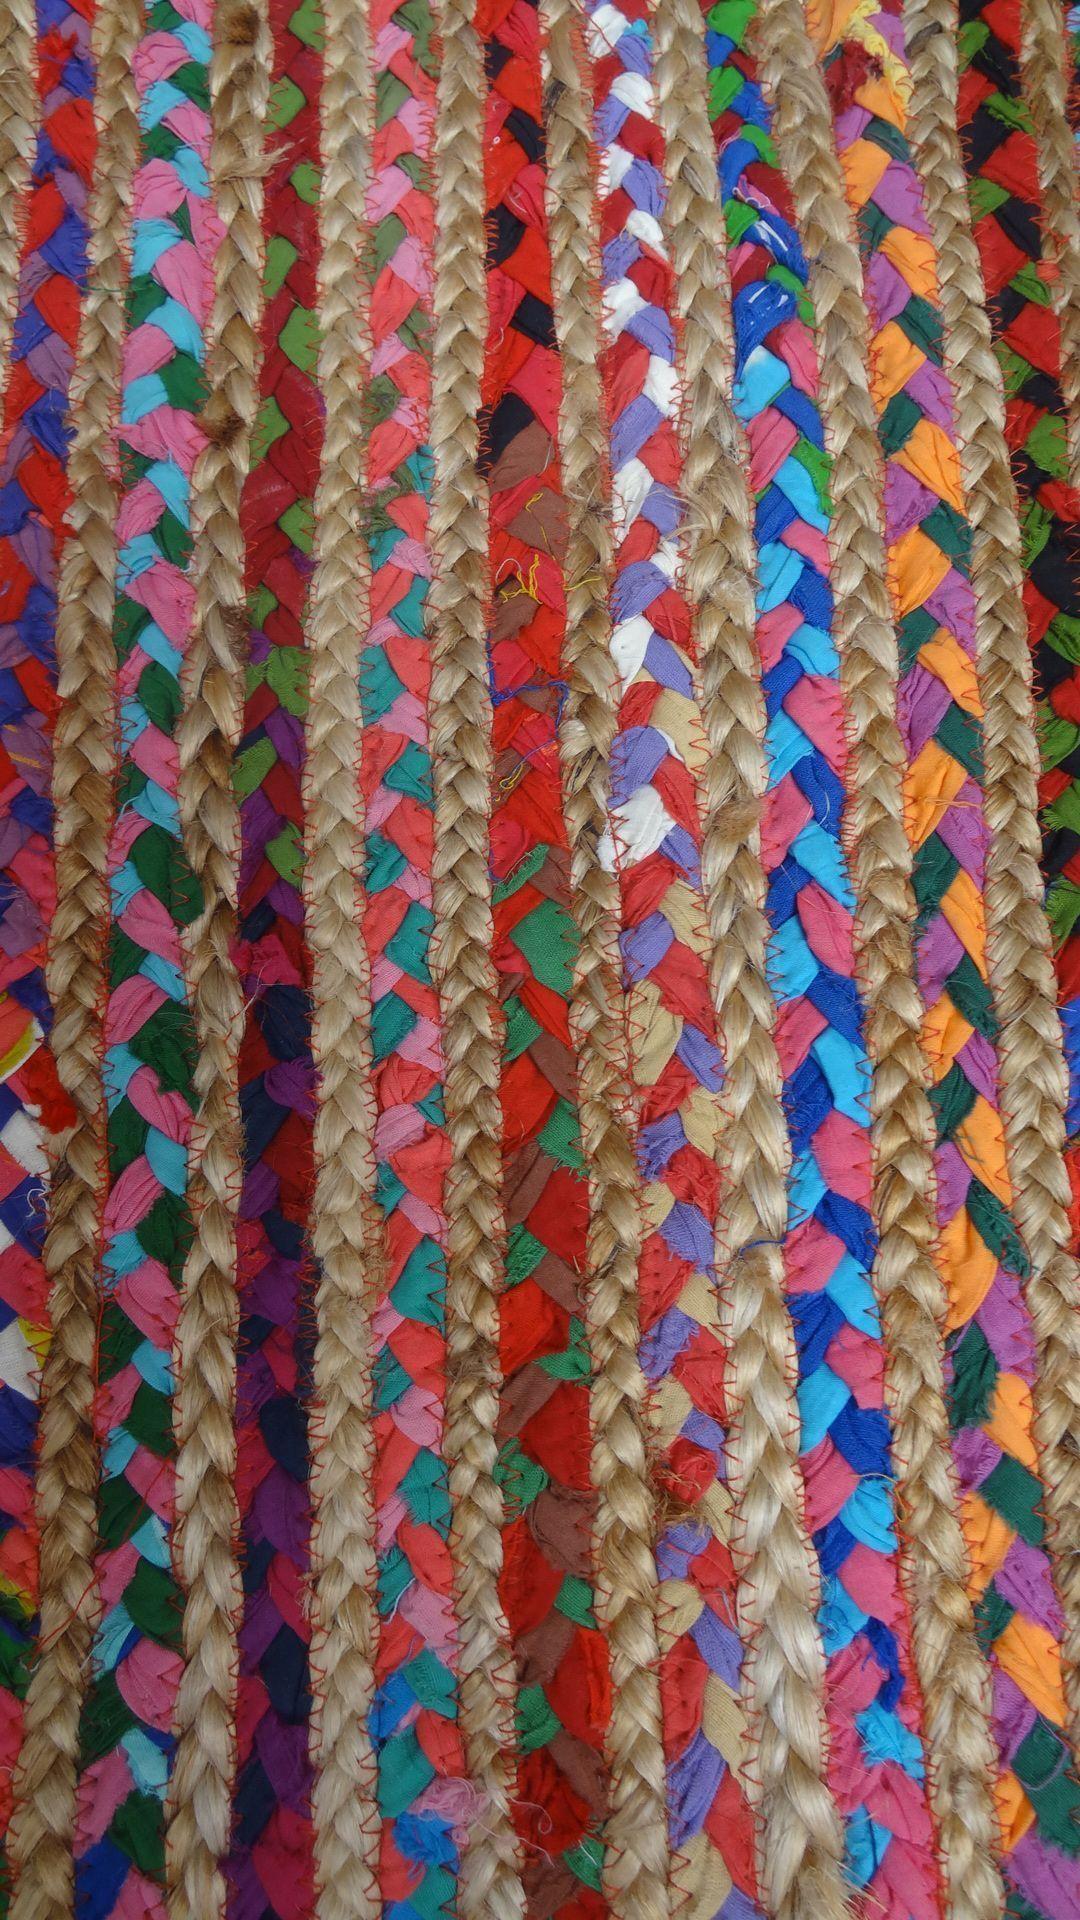 Alfombra yute tela 1 70 x 2 40 jarapa hilacar artesanos - Alfombras de yute ...